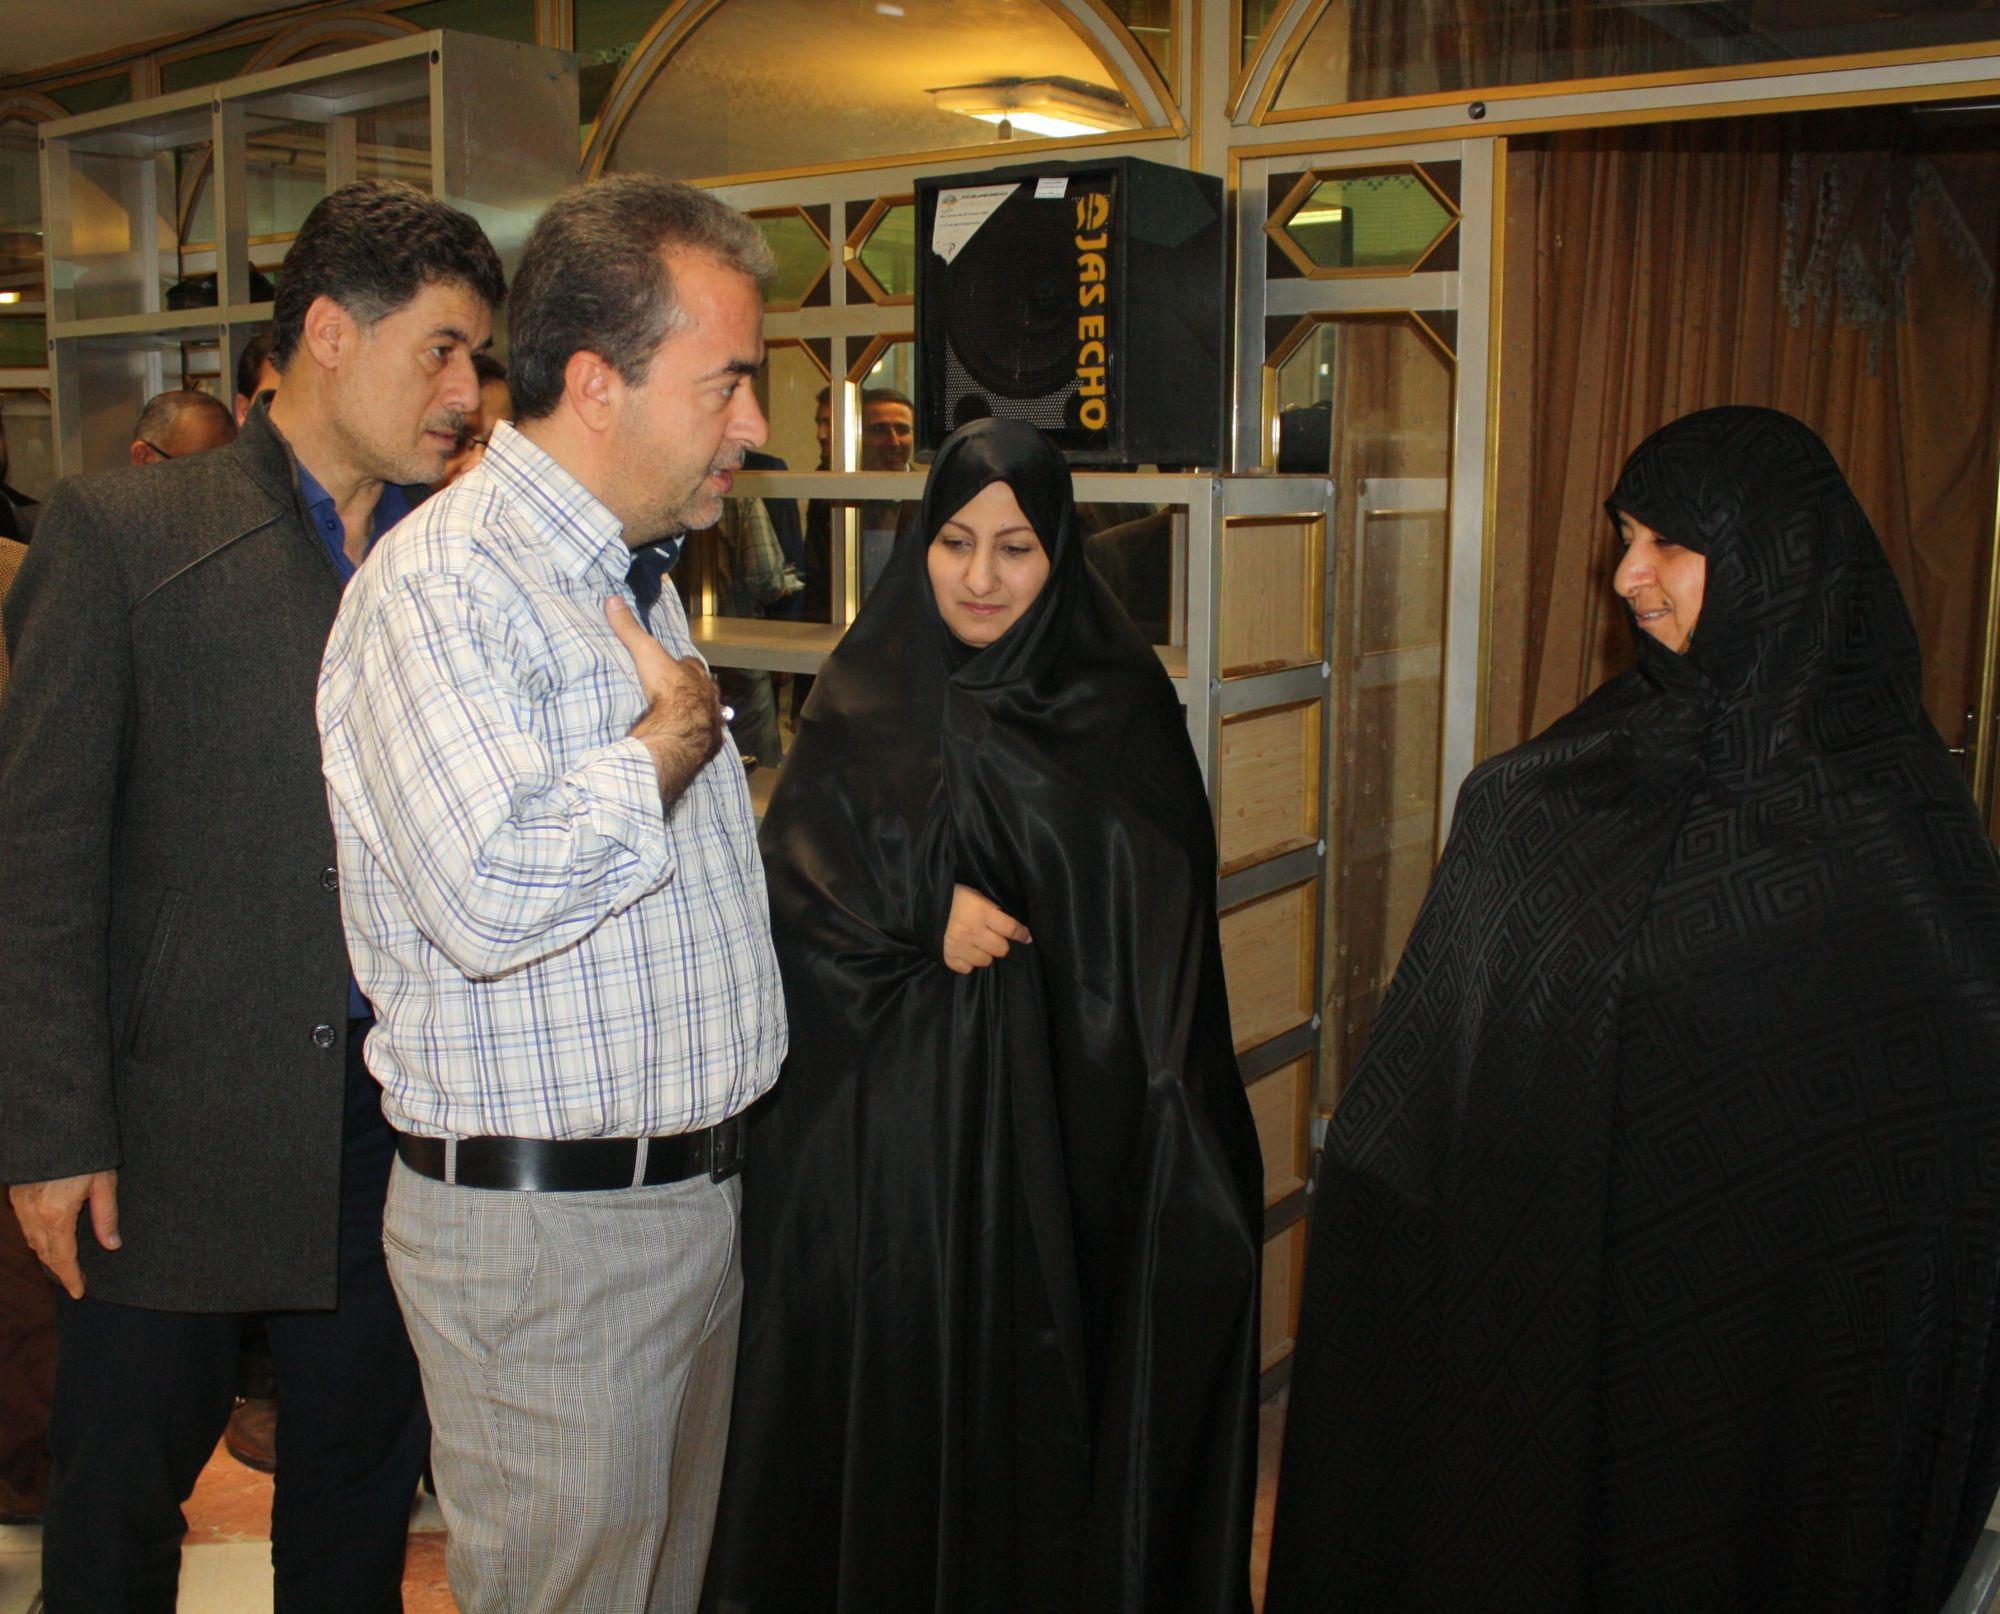 تجلیل و قدردانی شهردار ورامین از خانواده شهید علی تاجیک+گزارش تصویری